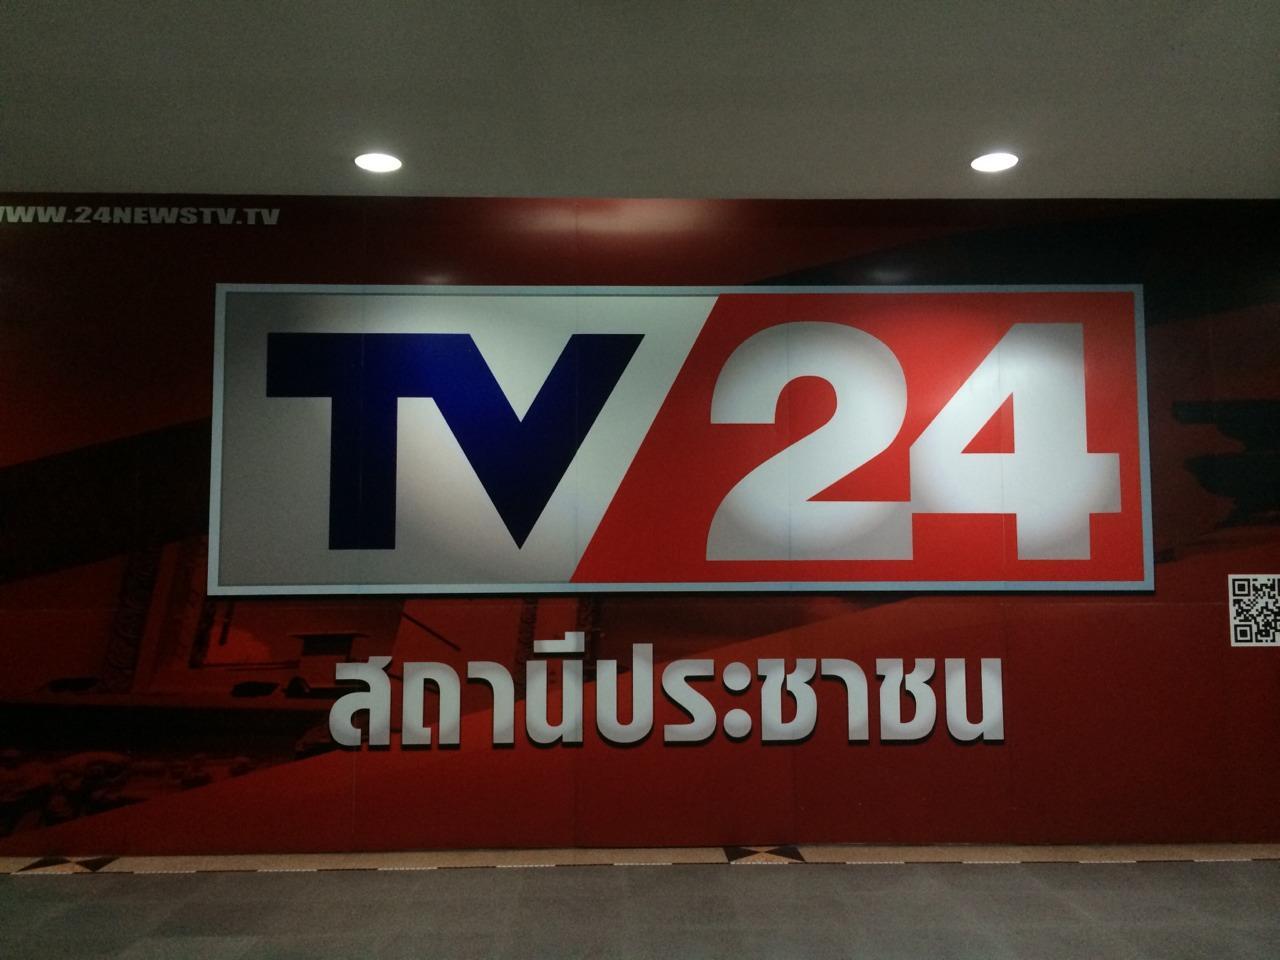 ด้านหน้าของ ช่อง 24 ทีวี